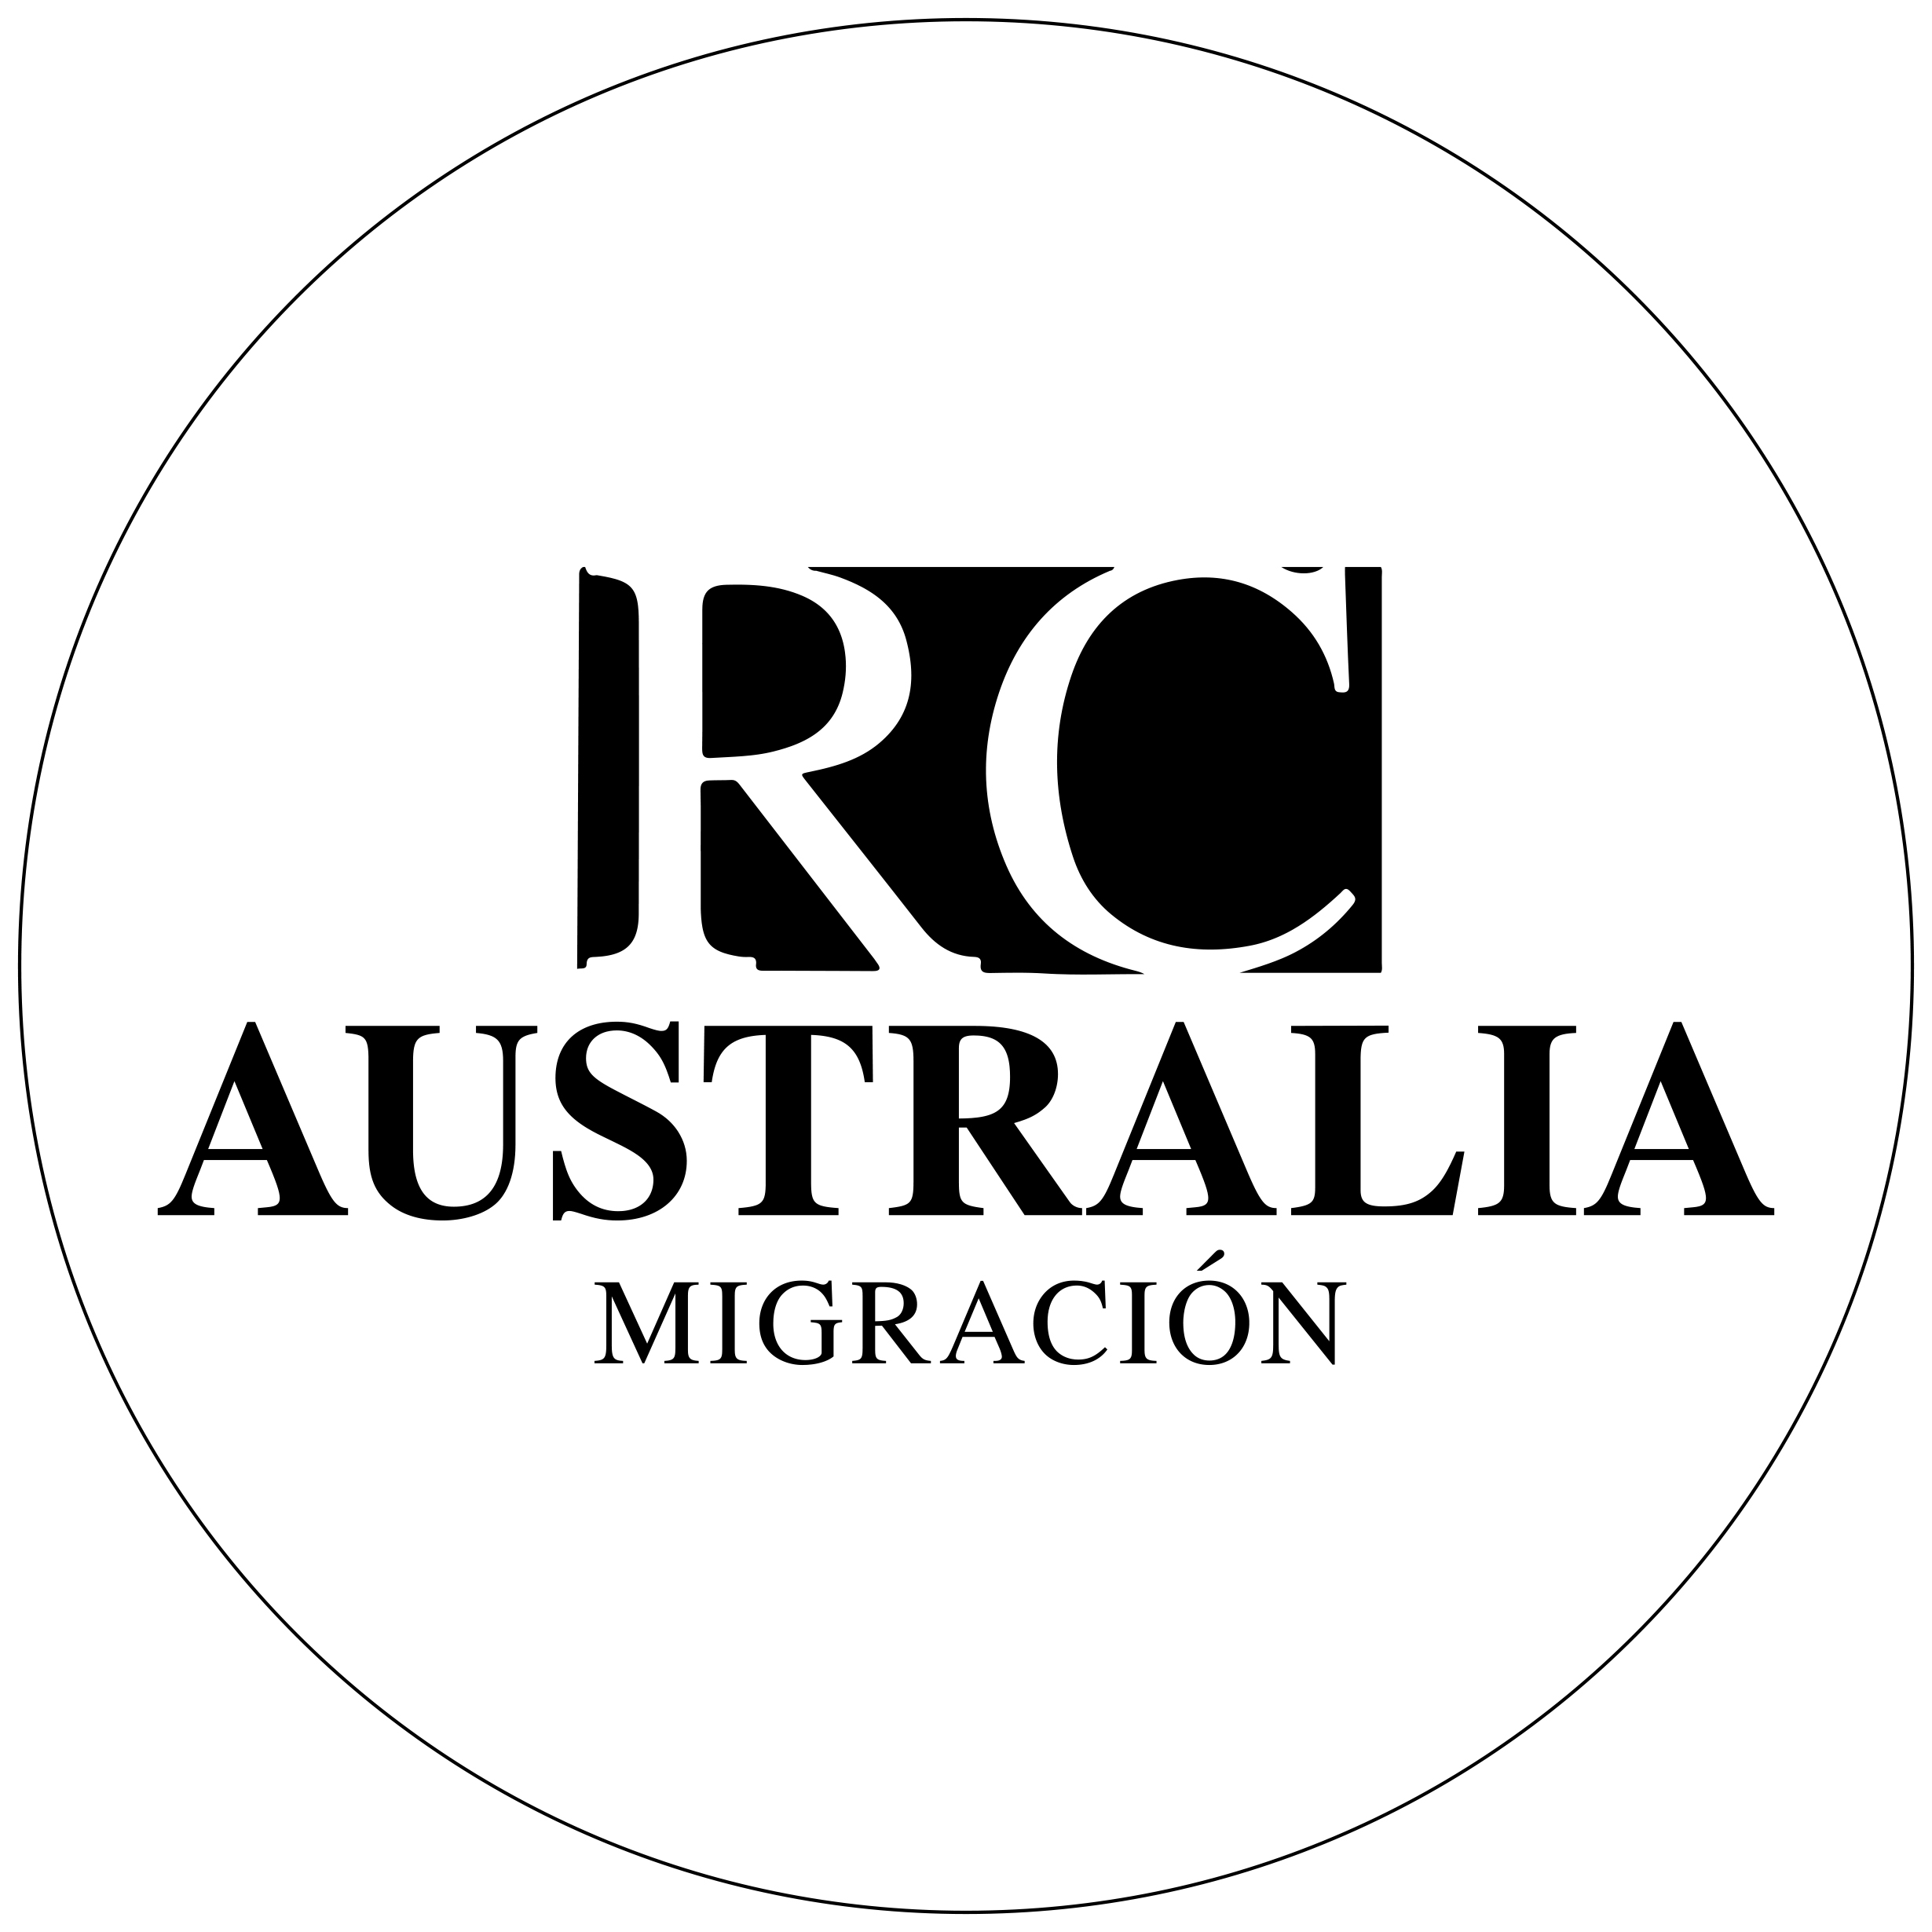 Logo cir rc